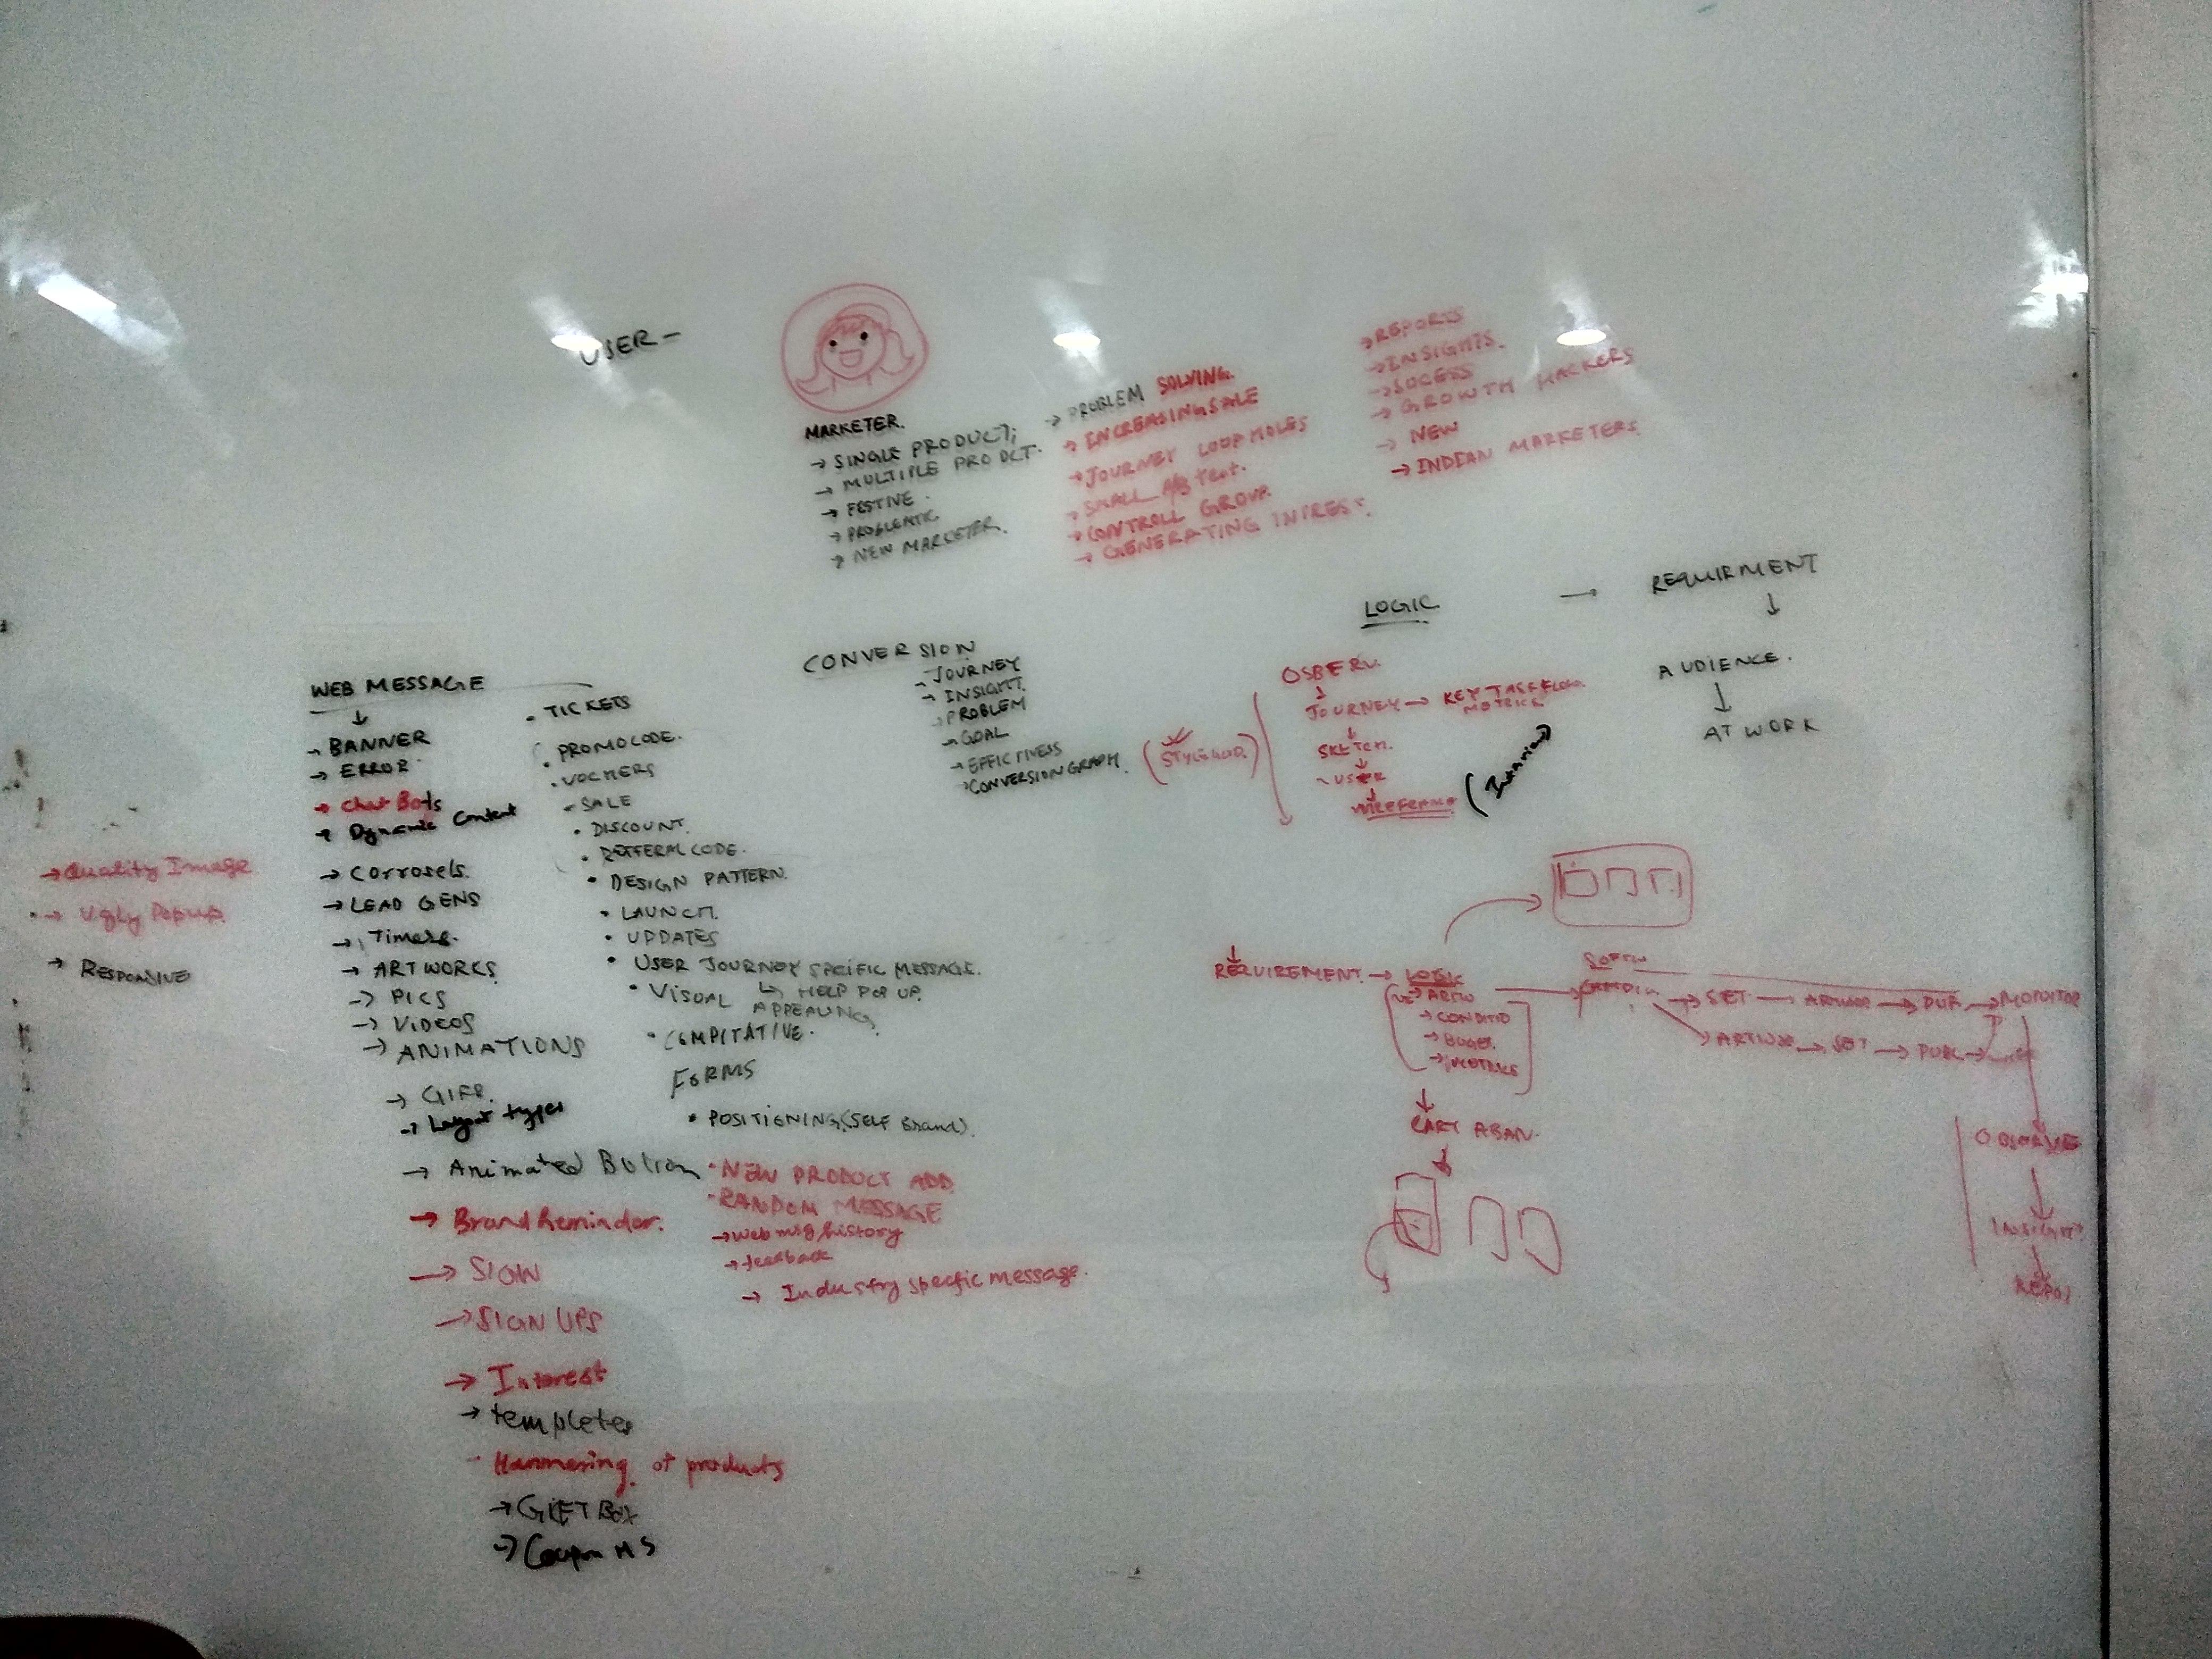 Workshop for creating vision for design